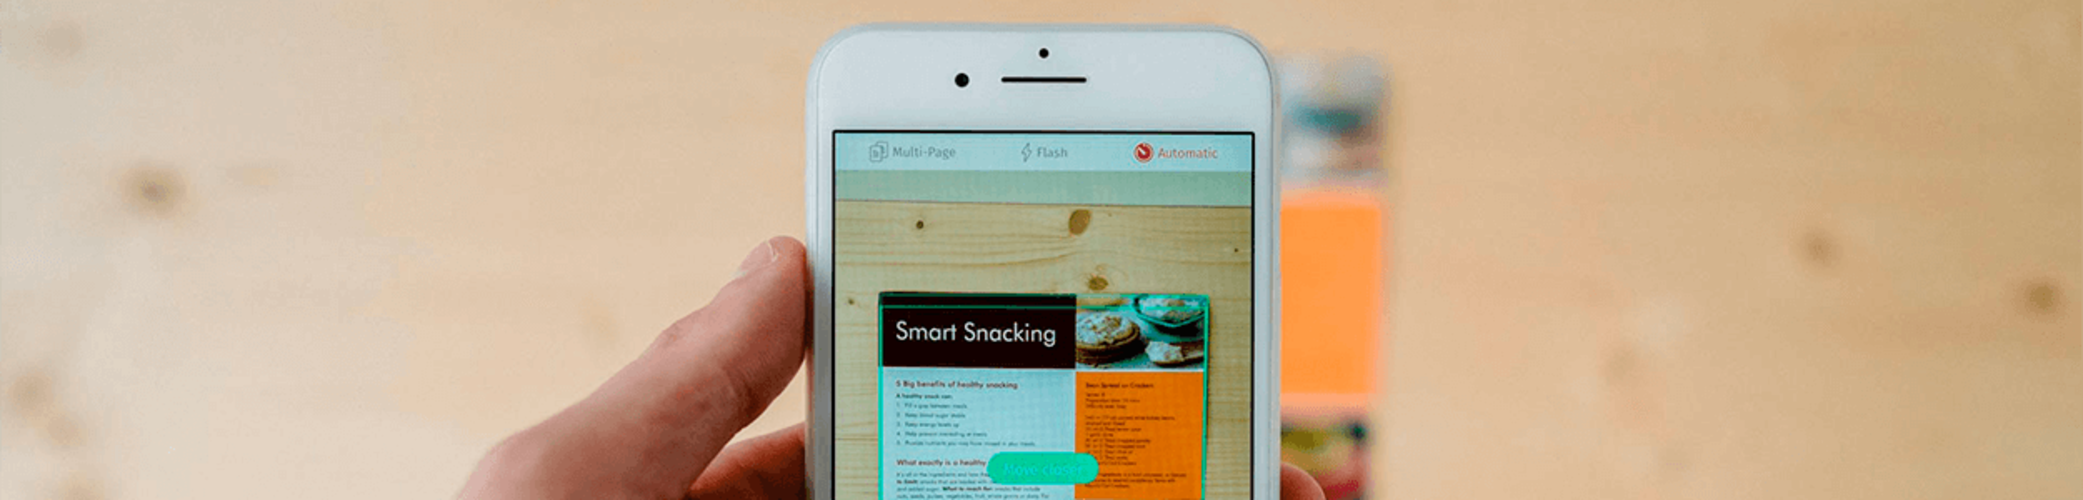 Как сделать скан документов на iPhone?